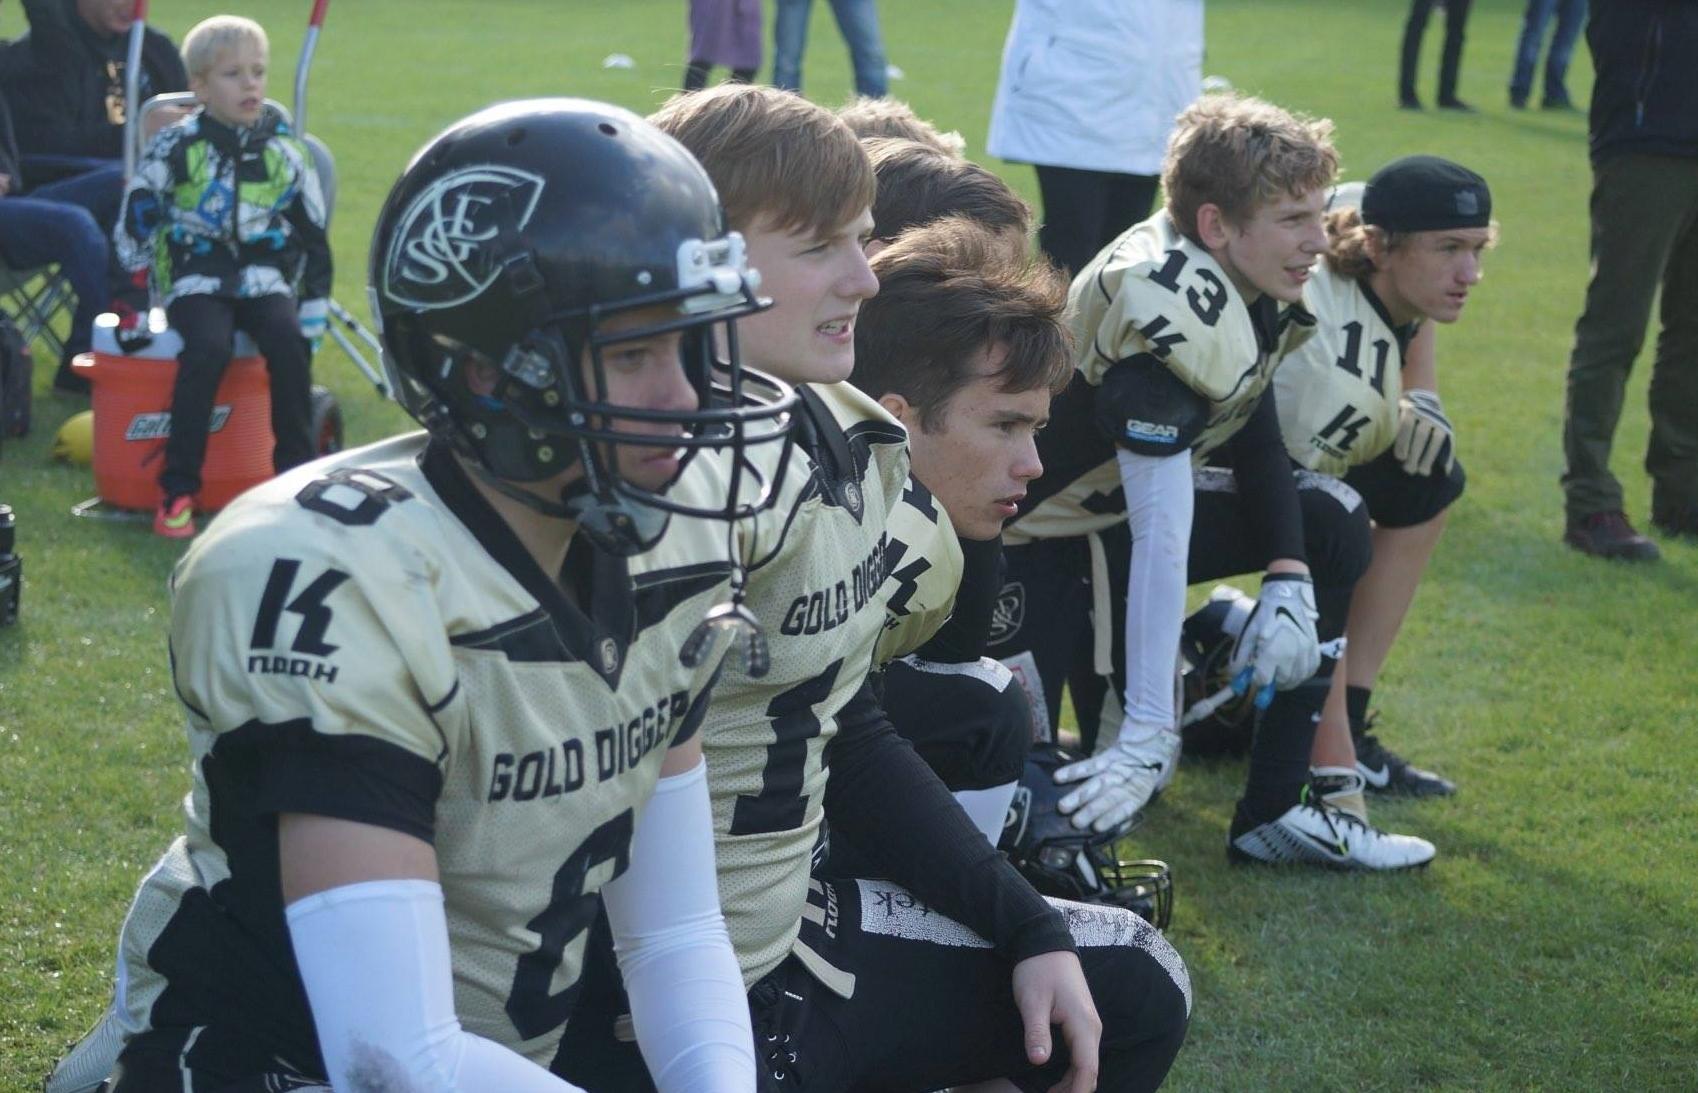 Mange af U16 drengene har spillet football i under et år. - Photo by Kenneth Ulrich